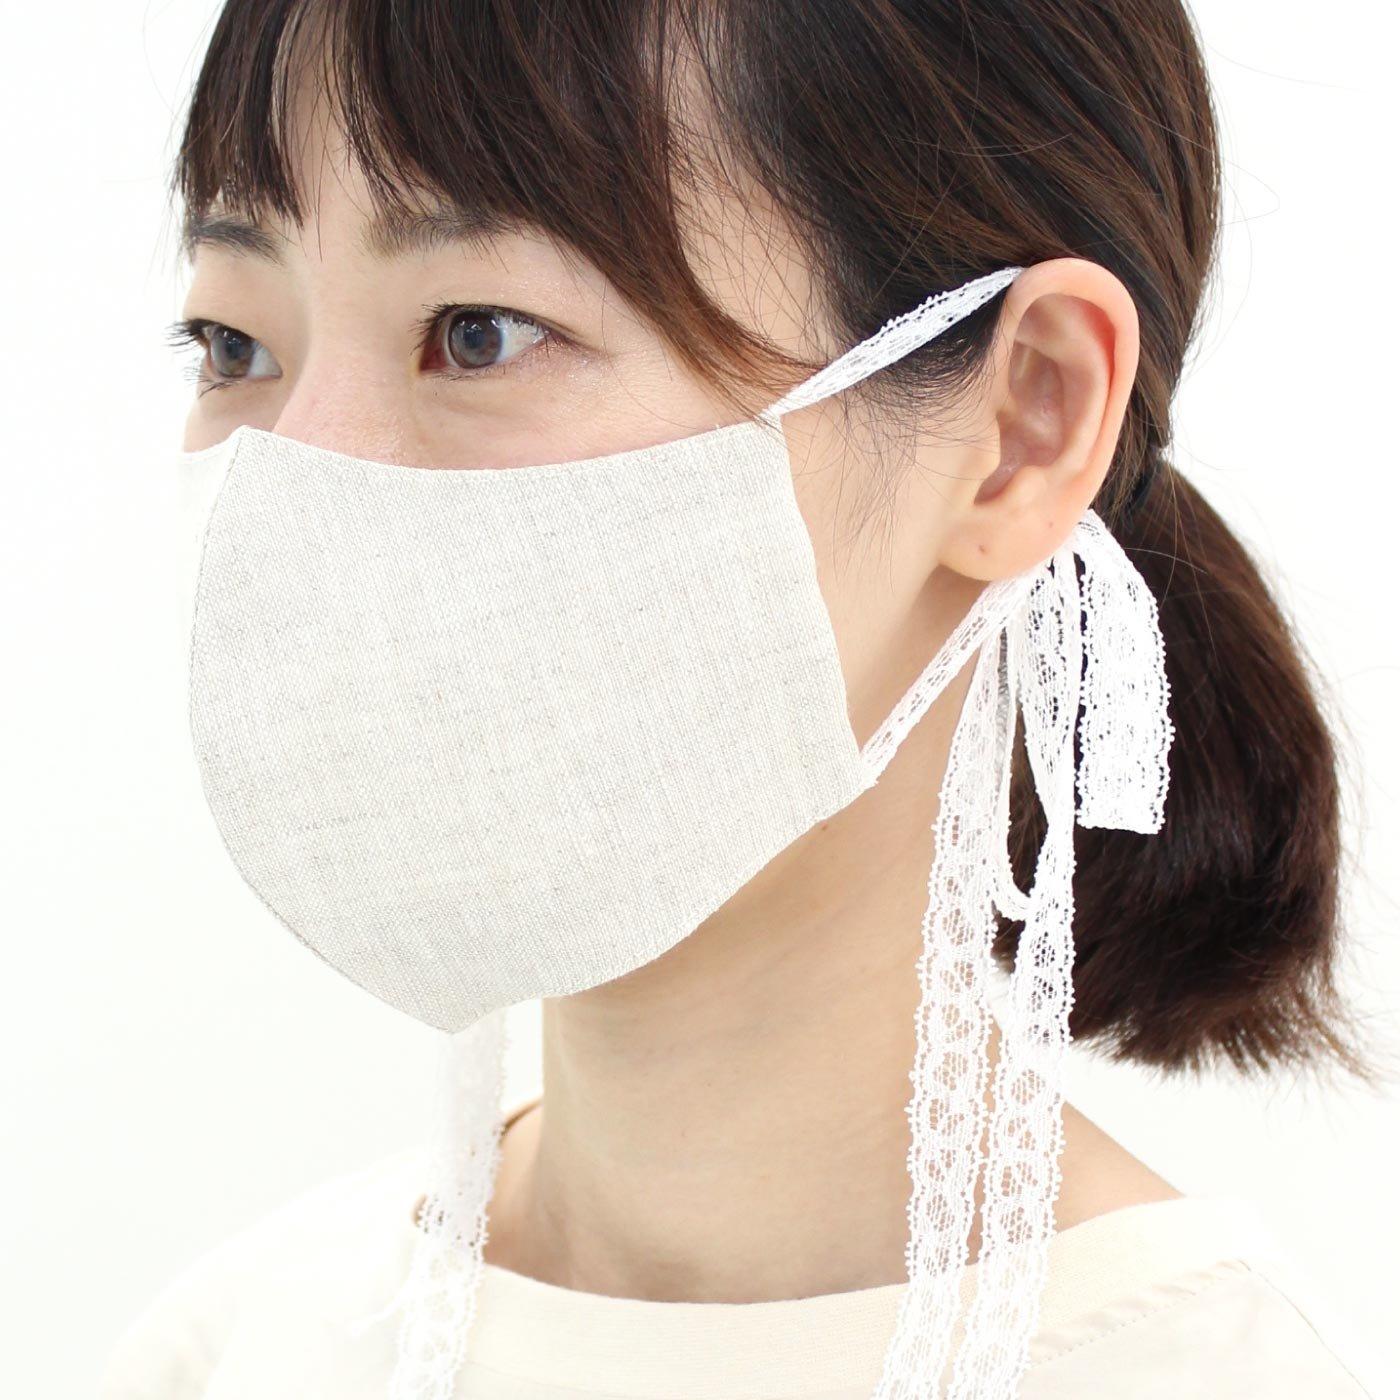 【WEB限定】IEDIT[イディット] 繊細で上品なレースリボンで気分も上がる 麻100%素材の涼しげ立体マスク